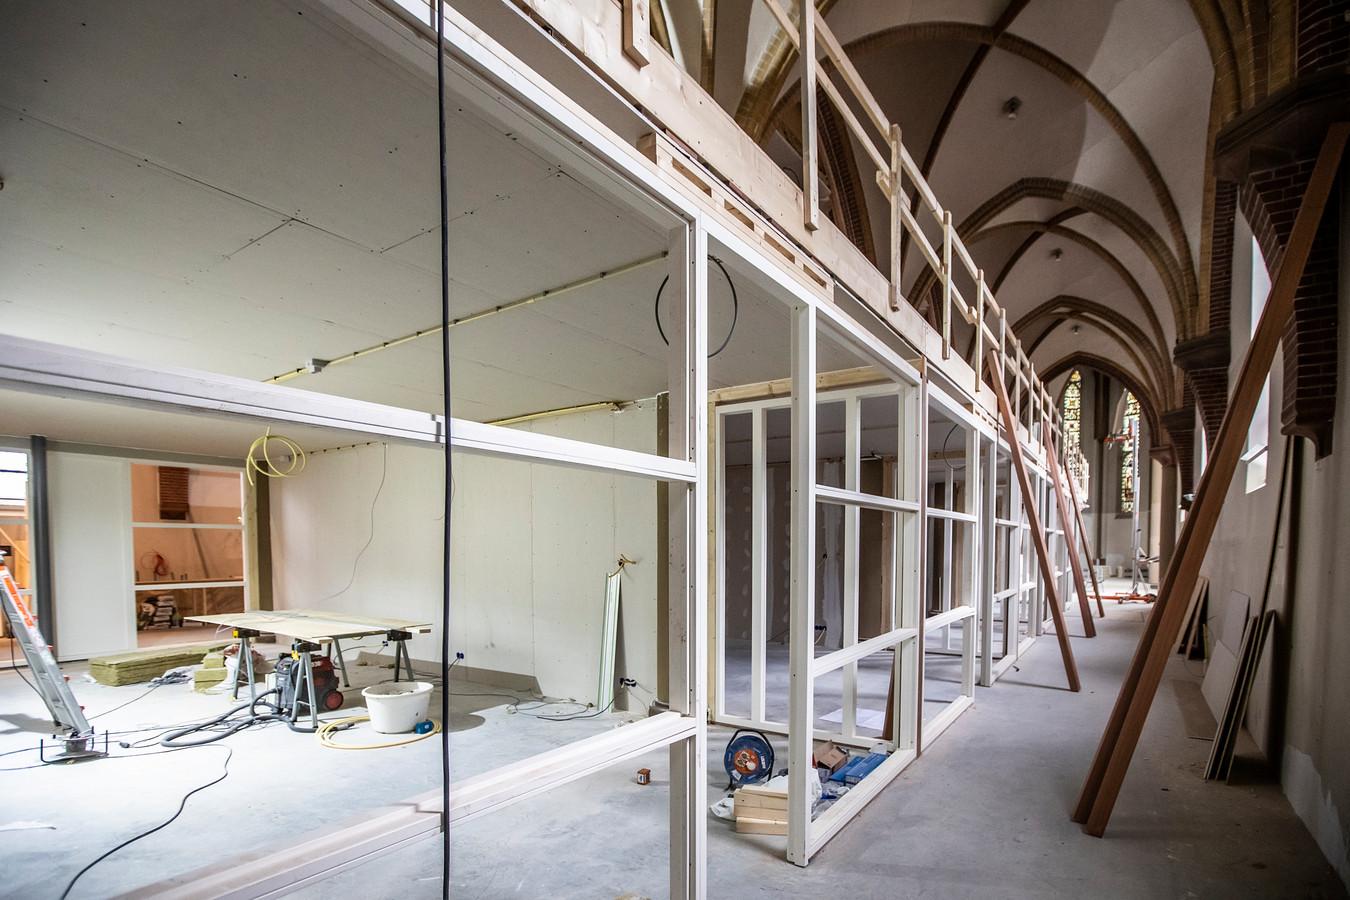 Op de begane grond zijn de lokalen groter dan op de verdieping erboven, waar ook nog een gang gecreëerd moet worden. Maar overal komt glas, heel veel glas.